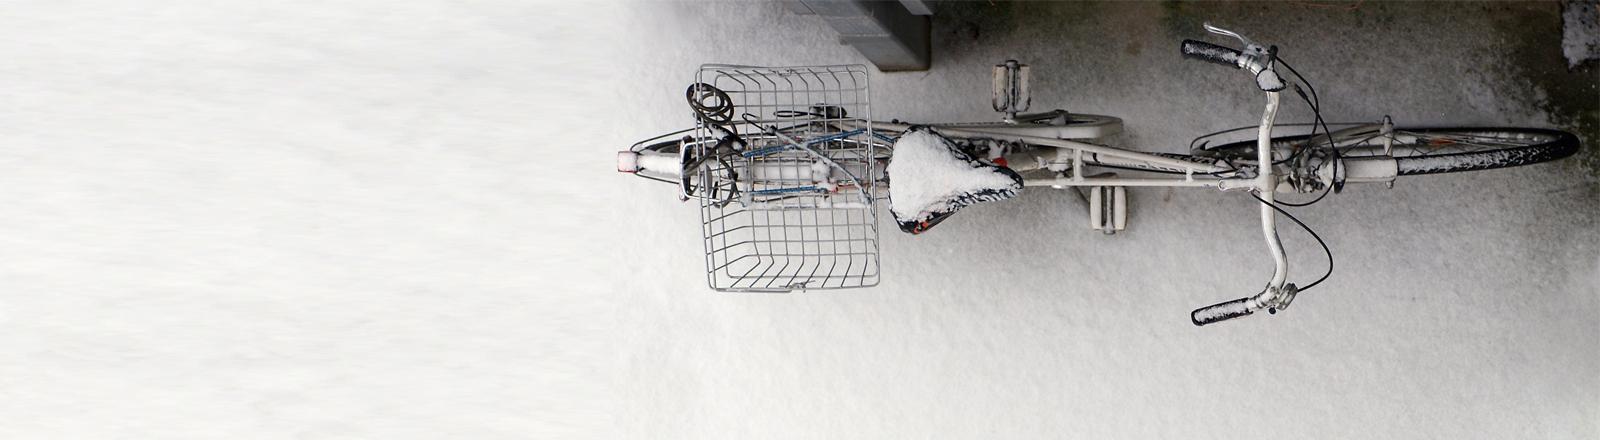 Ein Fahrrad steht einsam im Schnee herum.